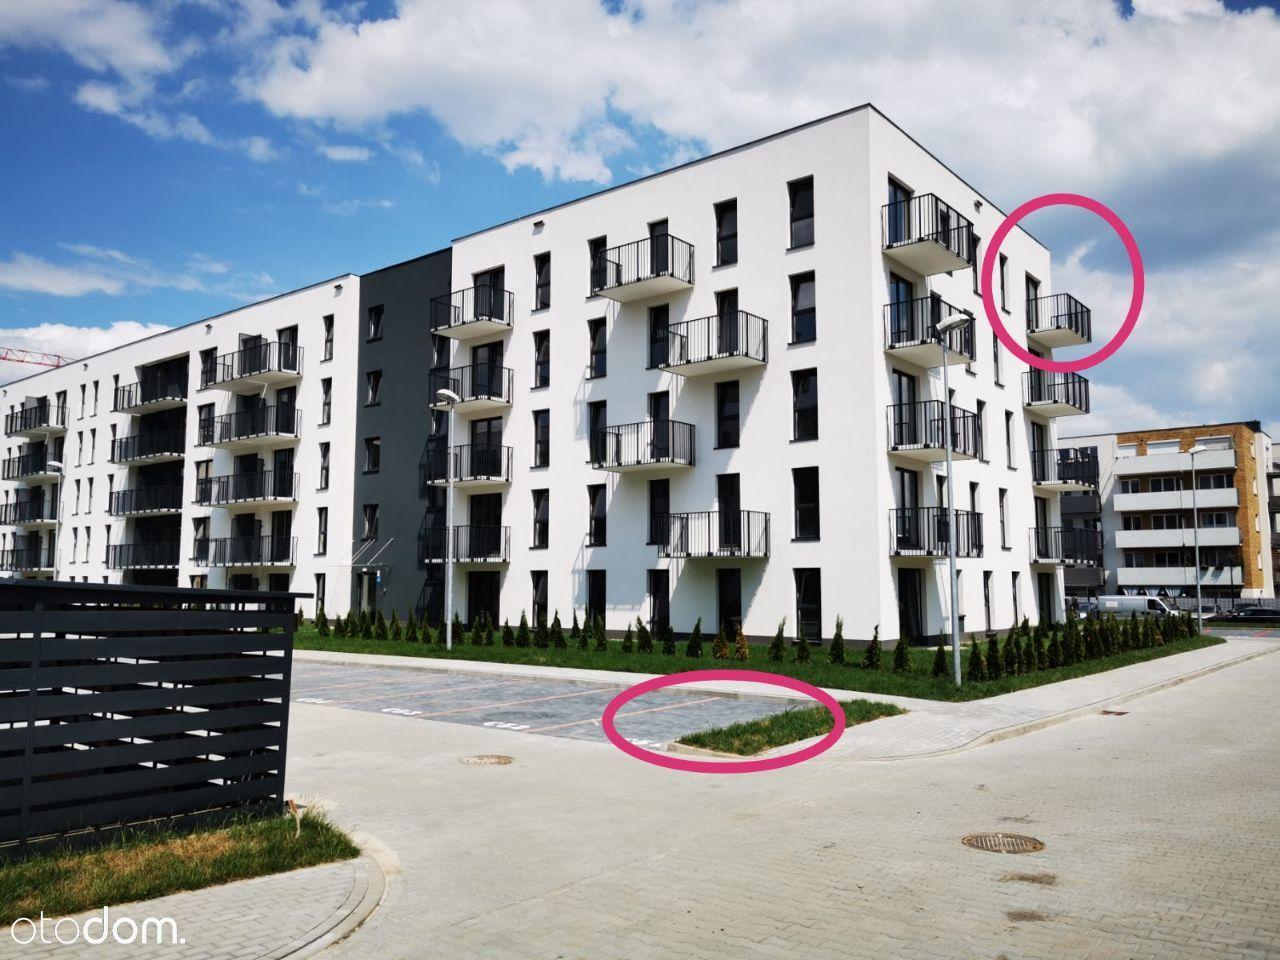 3pokoje, 52m, 2021,narożne,balkon, winda,Bieżanów